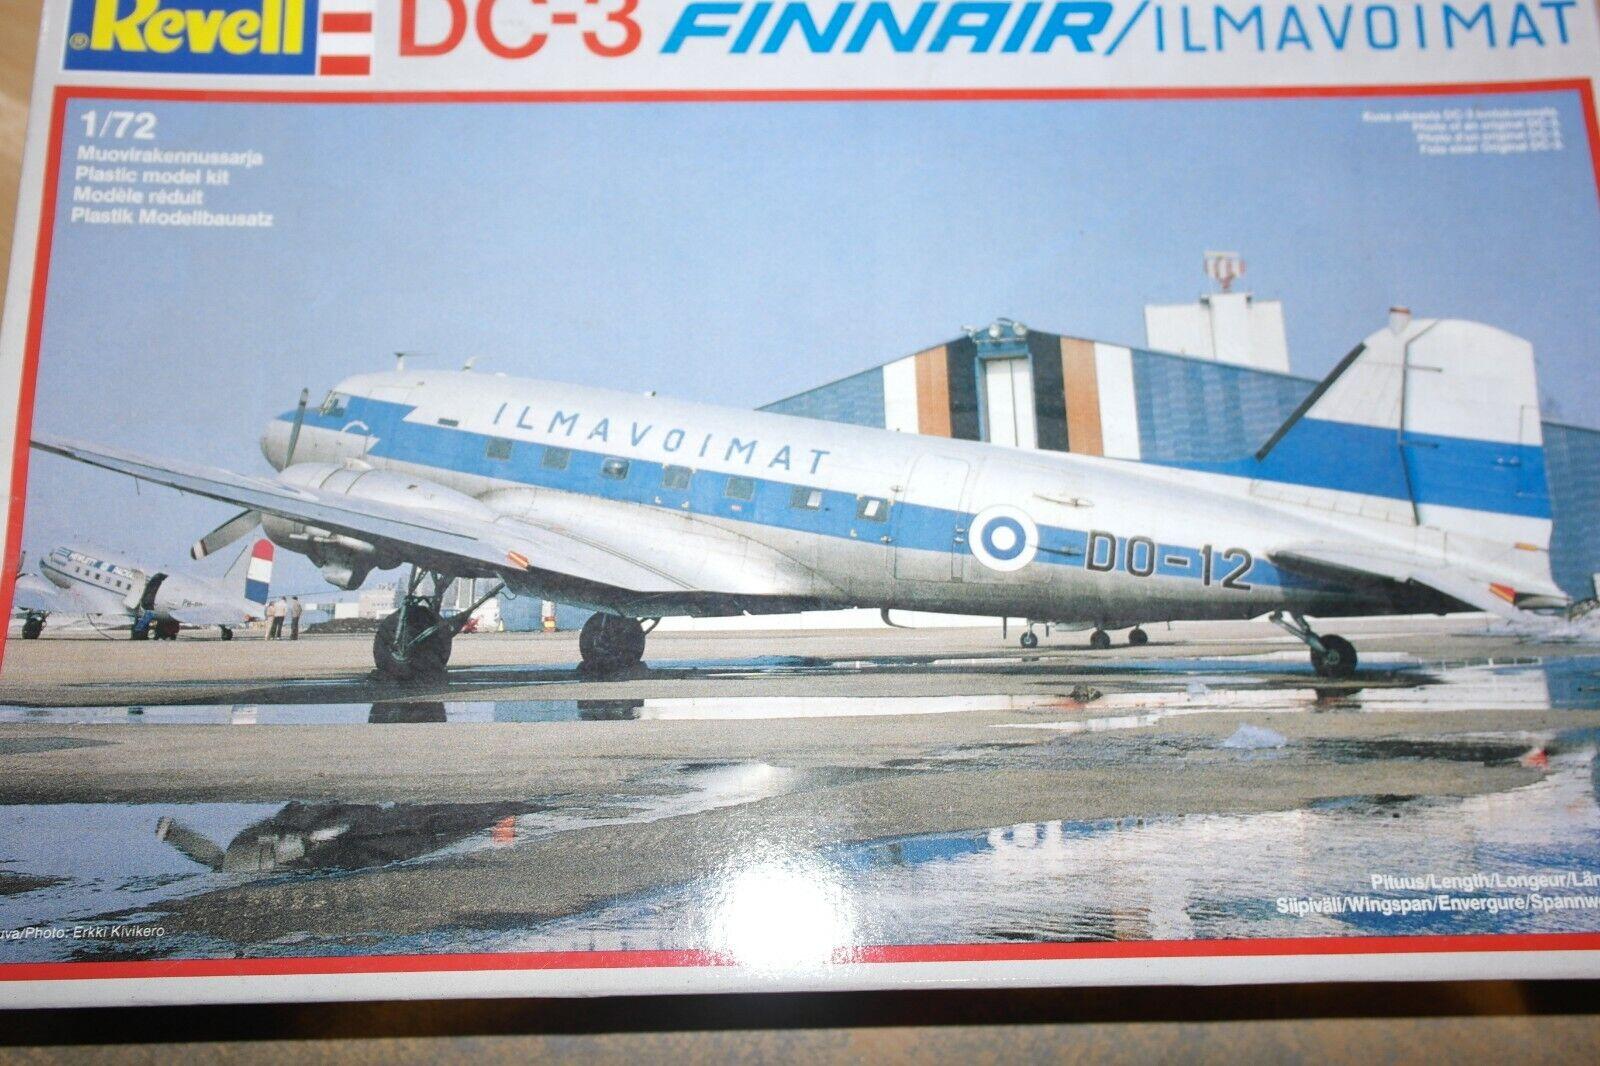 REVELL 1 72 DC -3 FINNAIR ILMAVOIMAT 4234